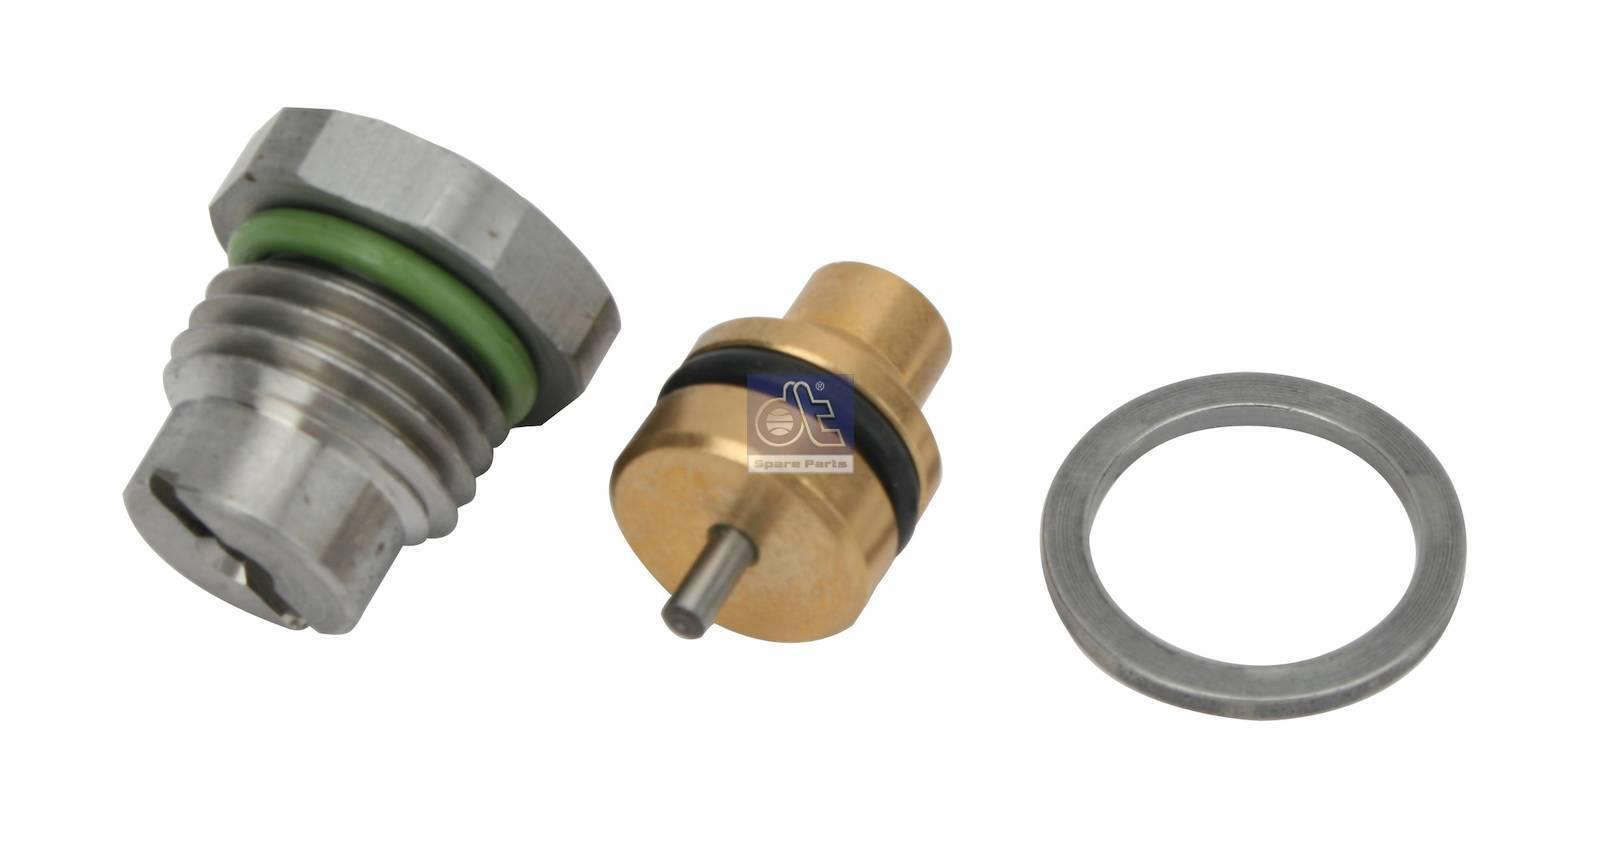 Kit de soupapes, cylindre hydraulique basc. de cabine